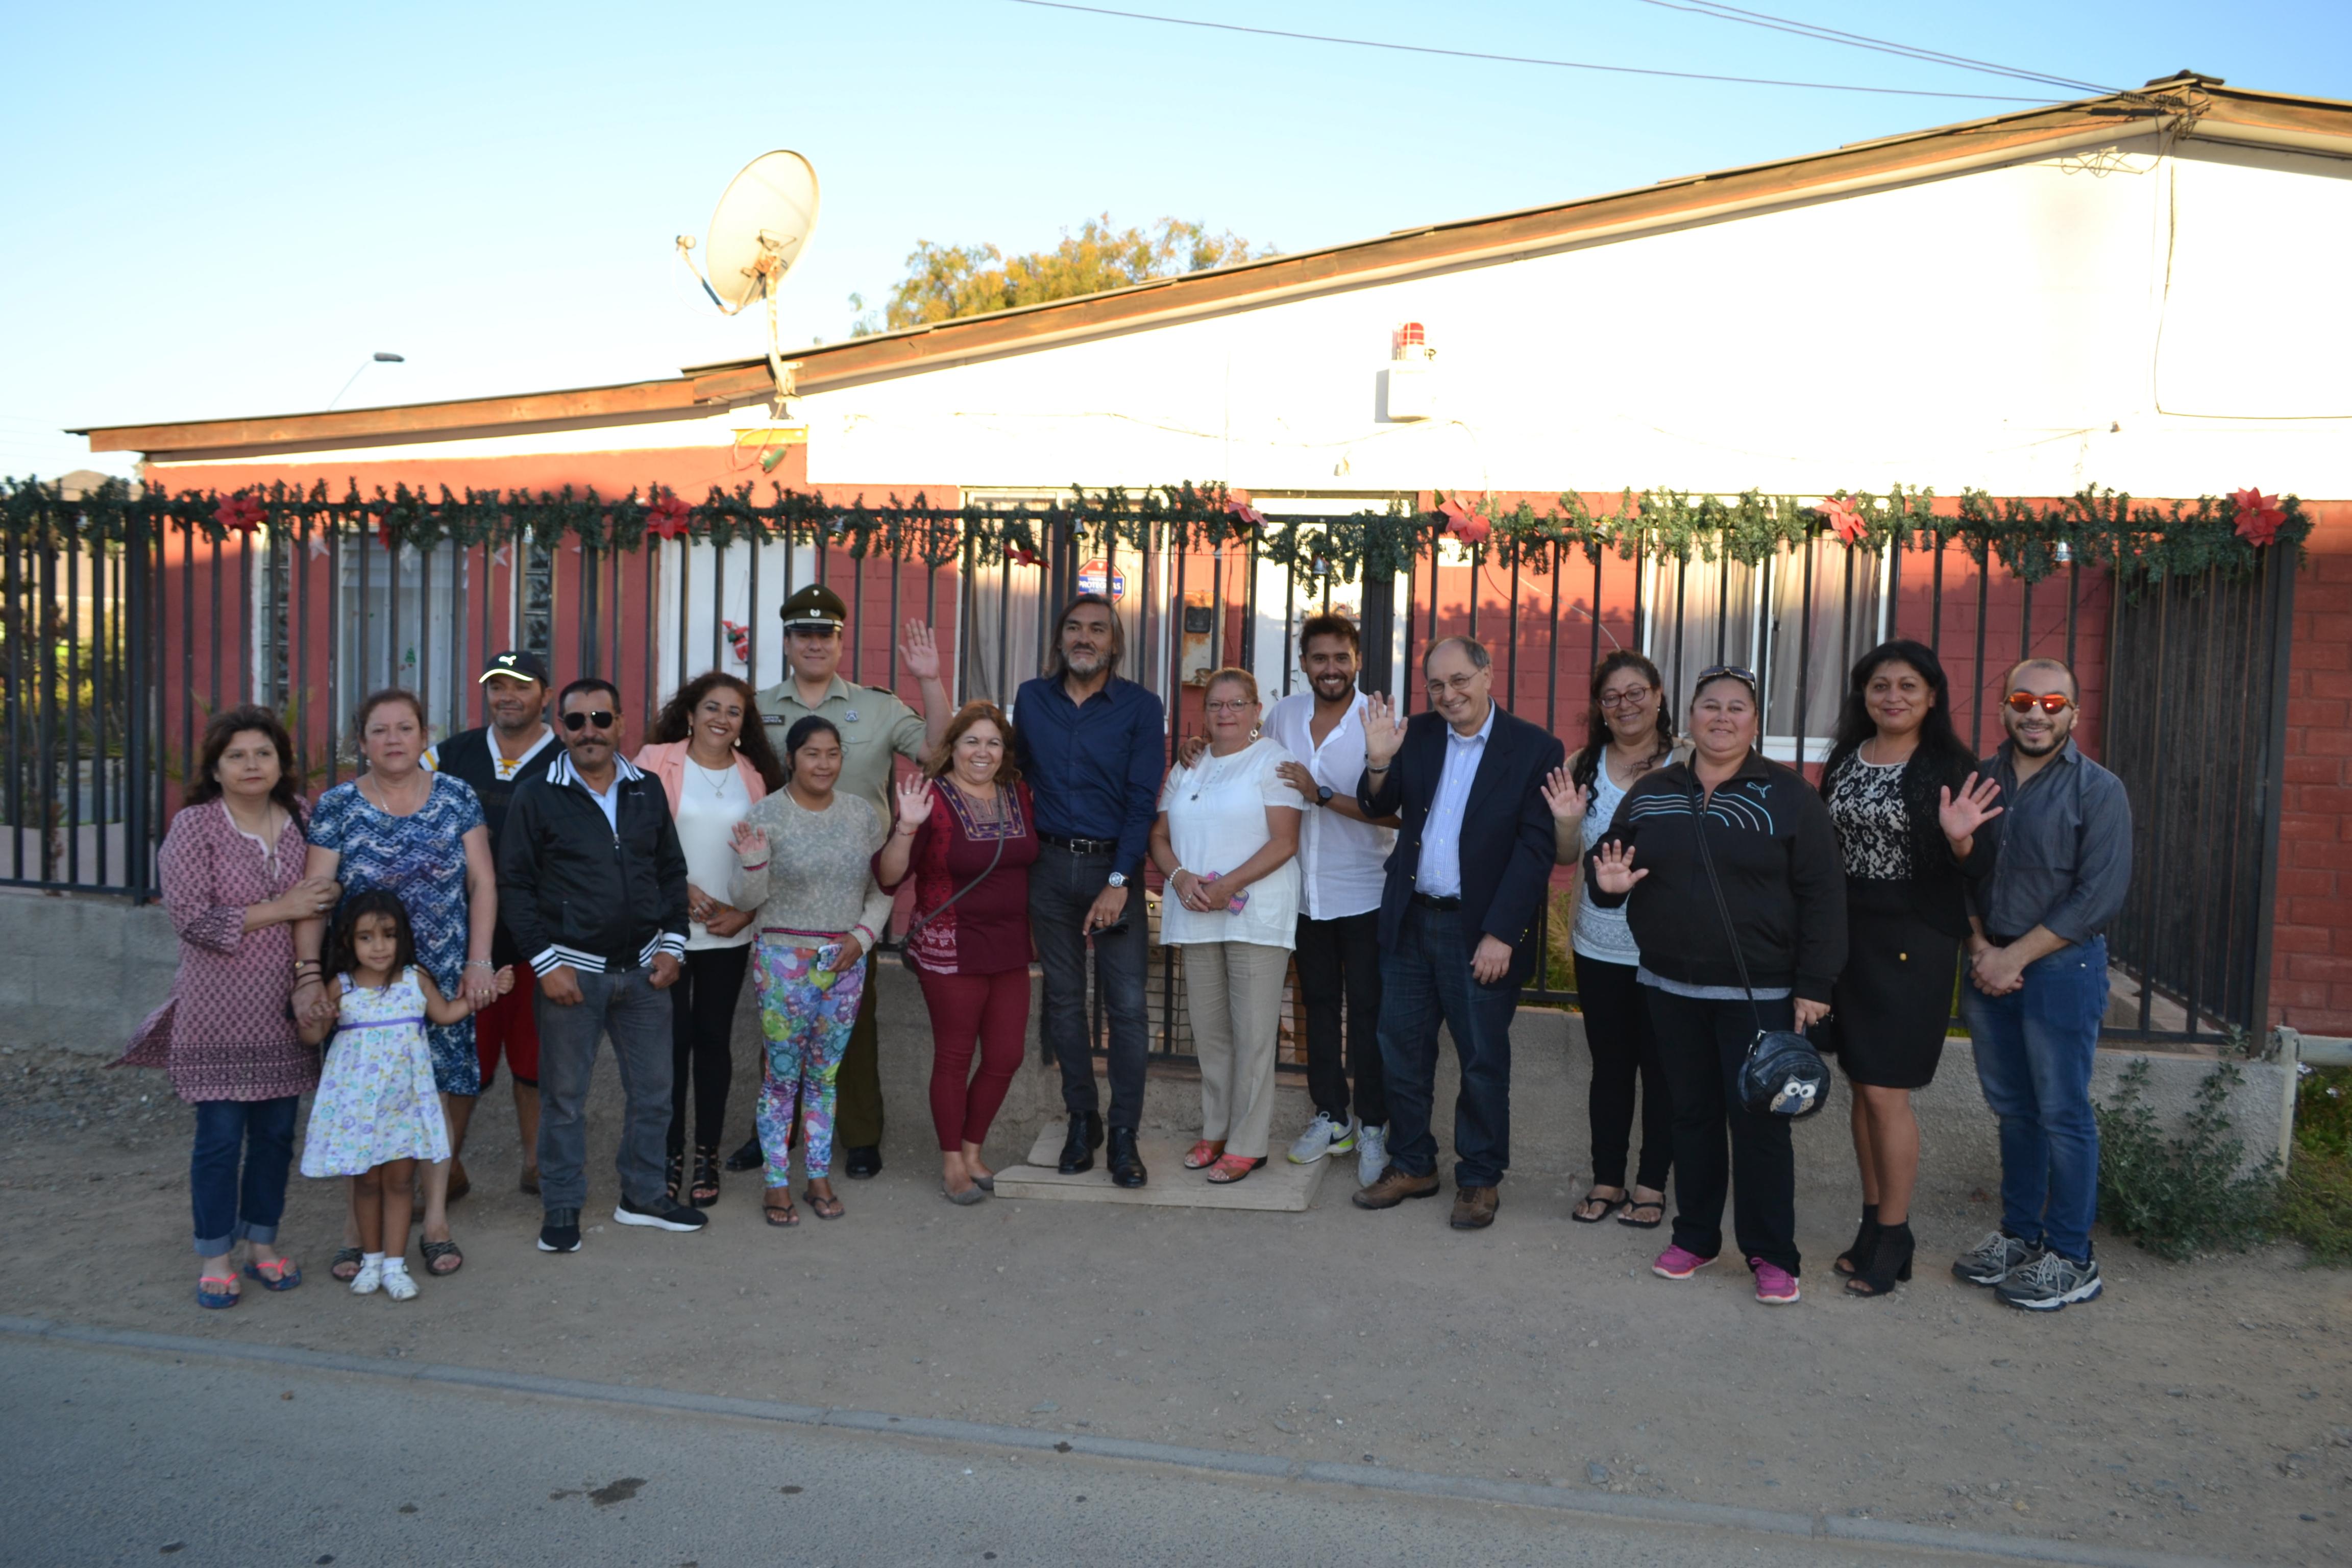 Vecinos de Huasco refuerzan su sistema de seguridad gracias a AES Gener